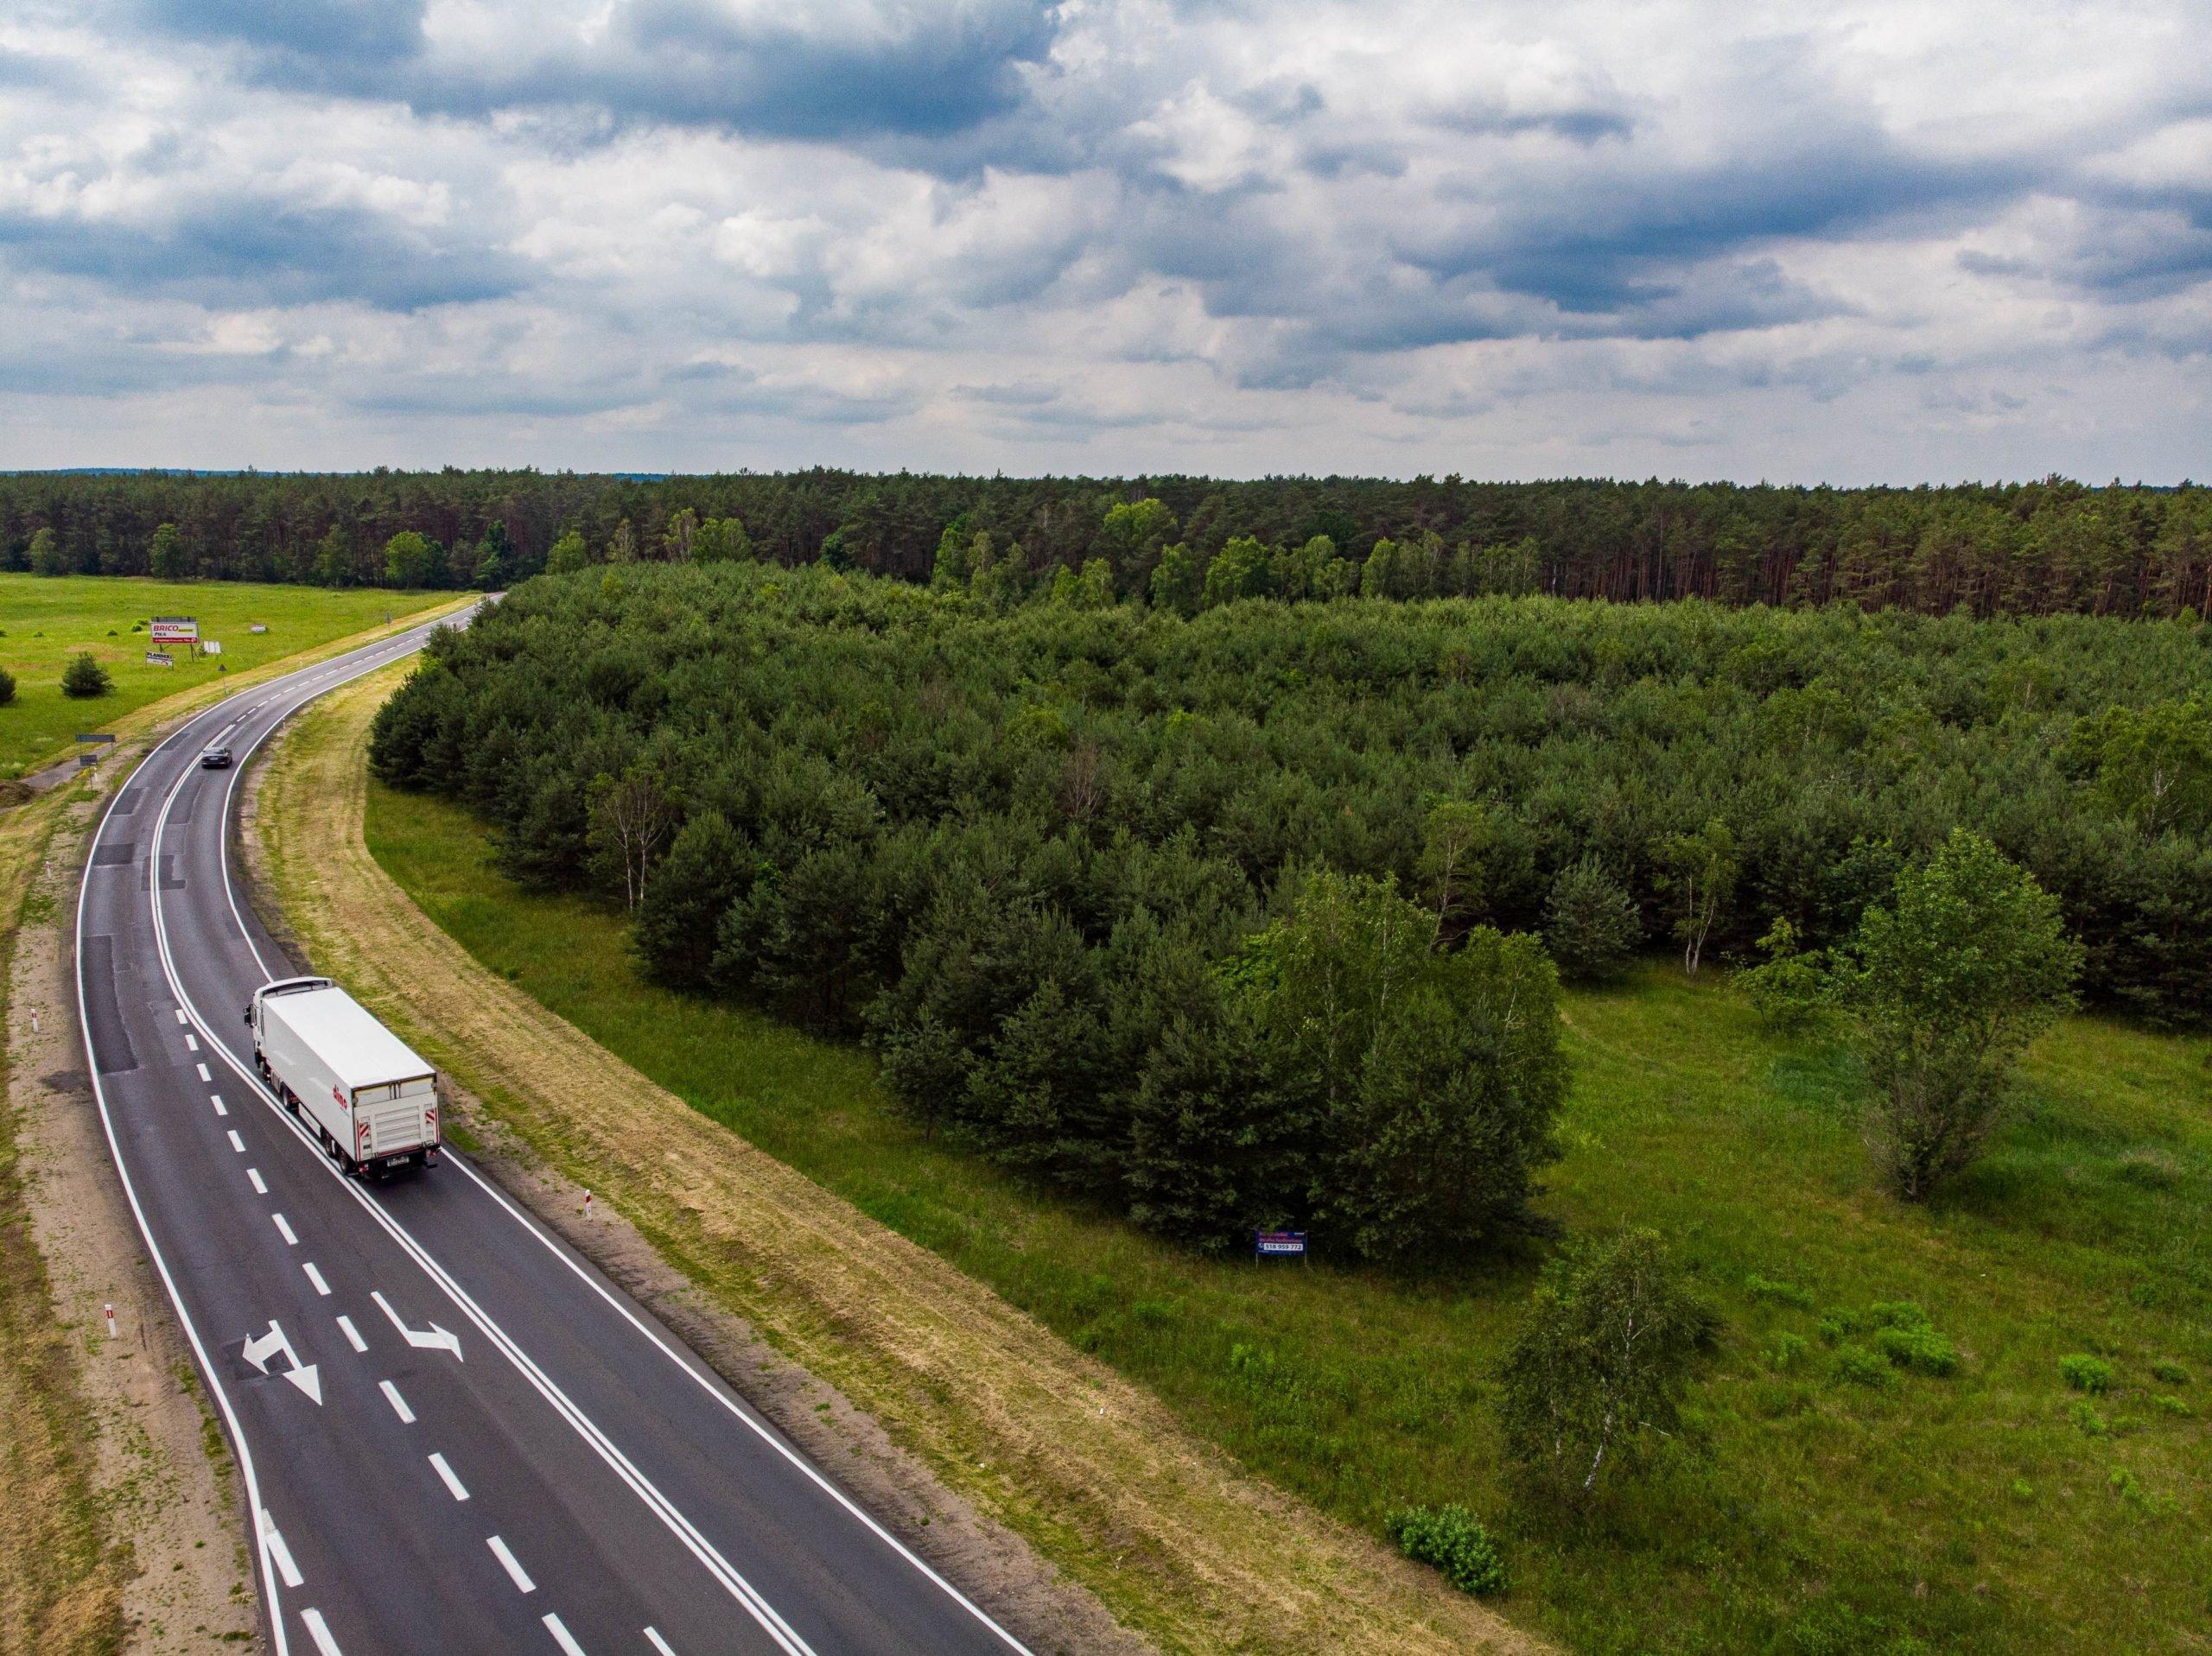 Teren inwestycyjny 4,77 ha w doskonałej lokalizacji, Piła ul. Przemysłowa